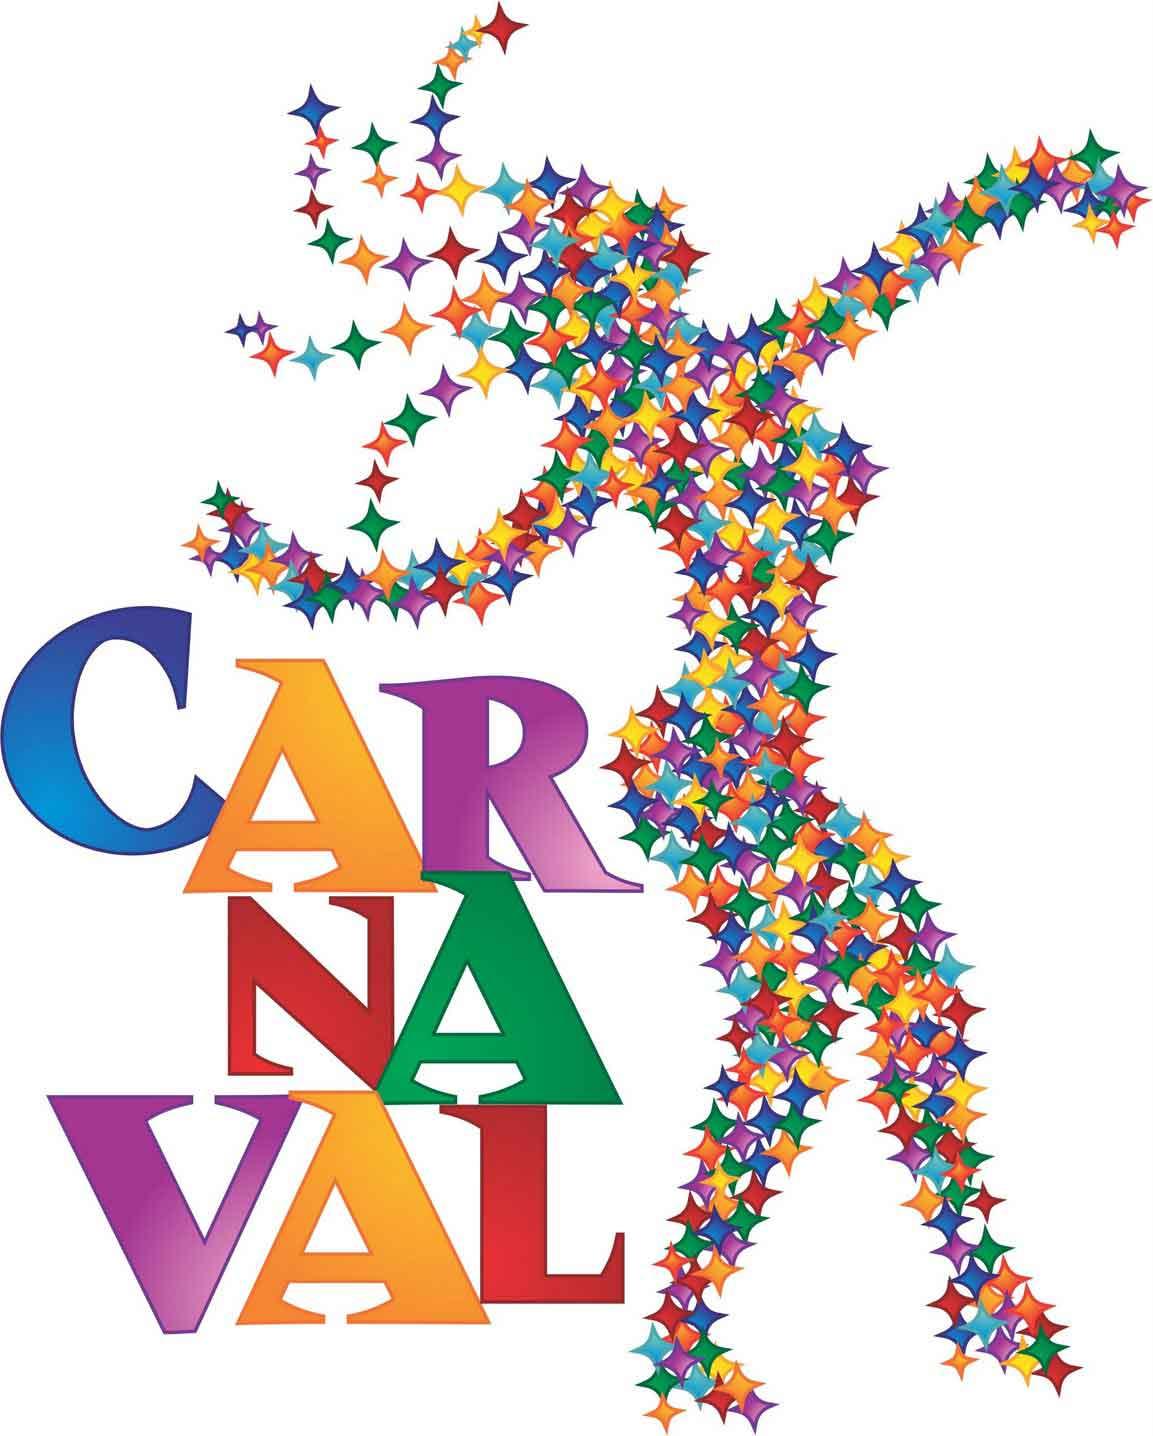 Origemdo Carnaval no Brasil 2